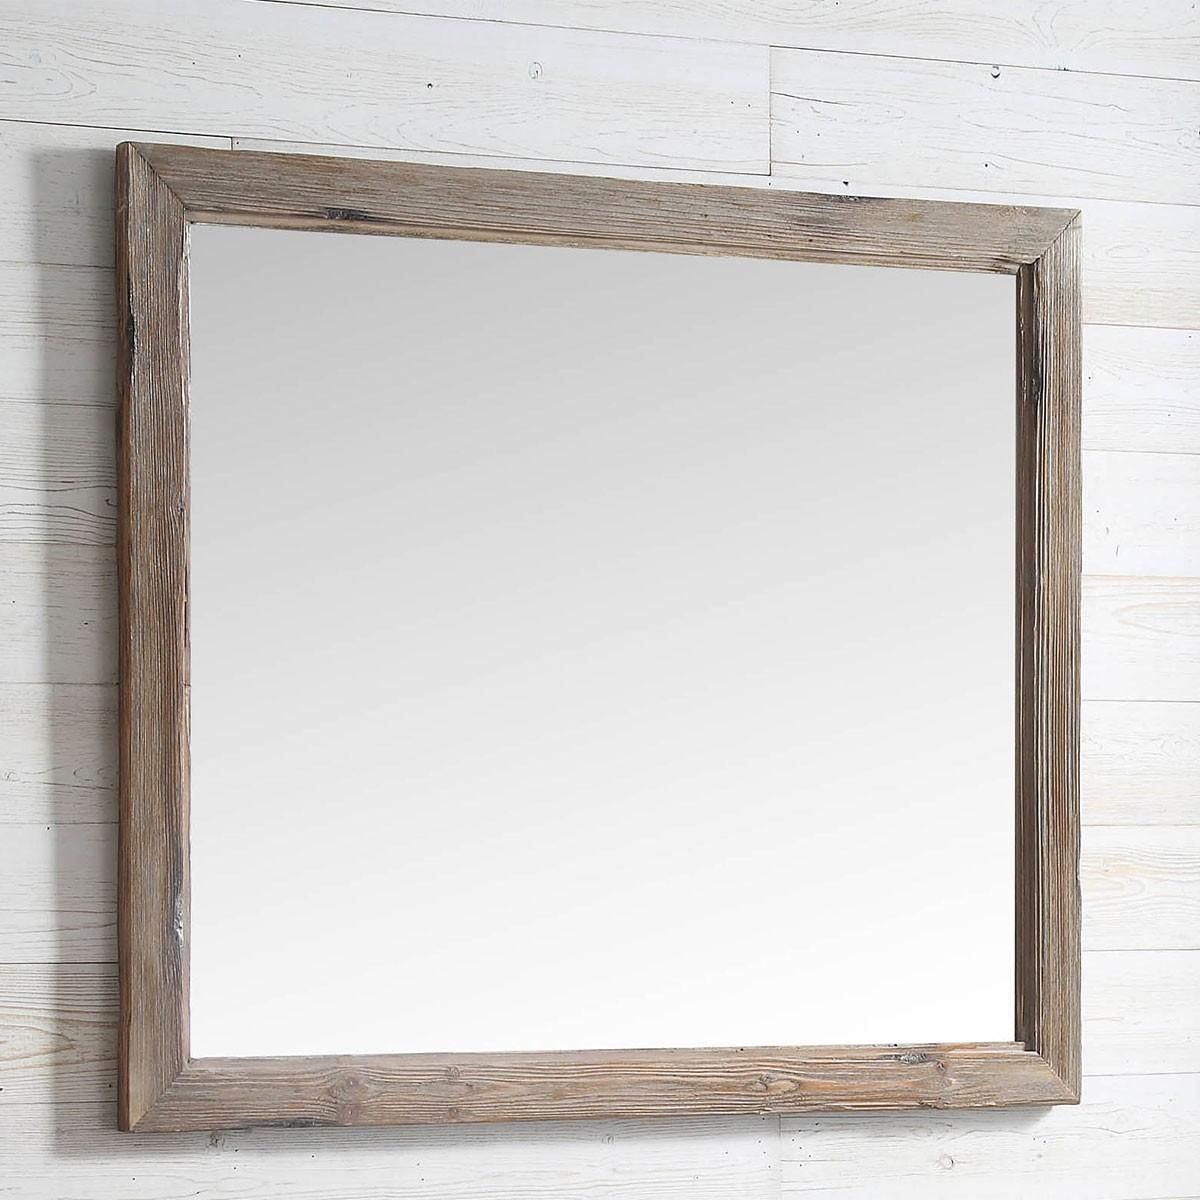 42 x 36 po miroir pour vanit avec cadre en bois de sapin for Couper un miroir